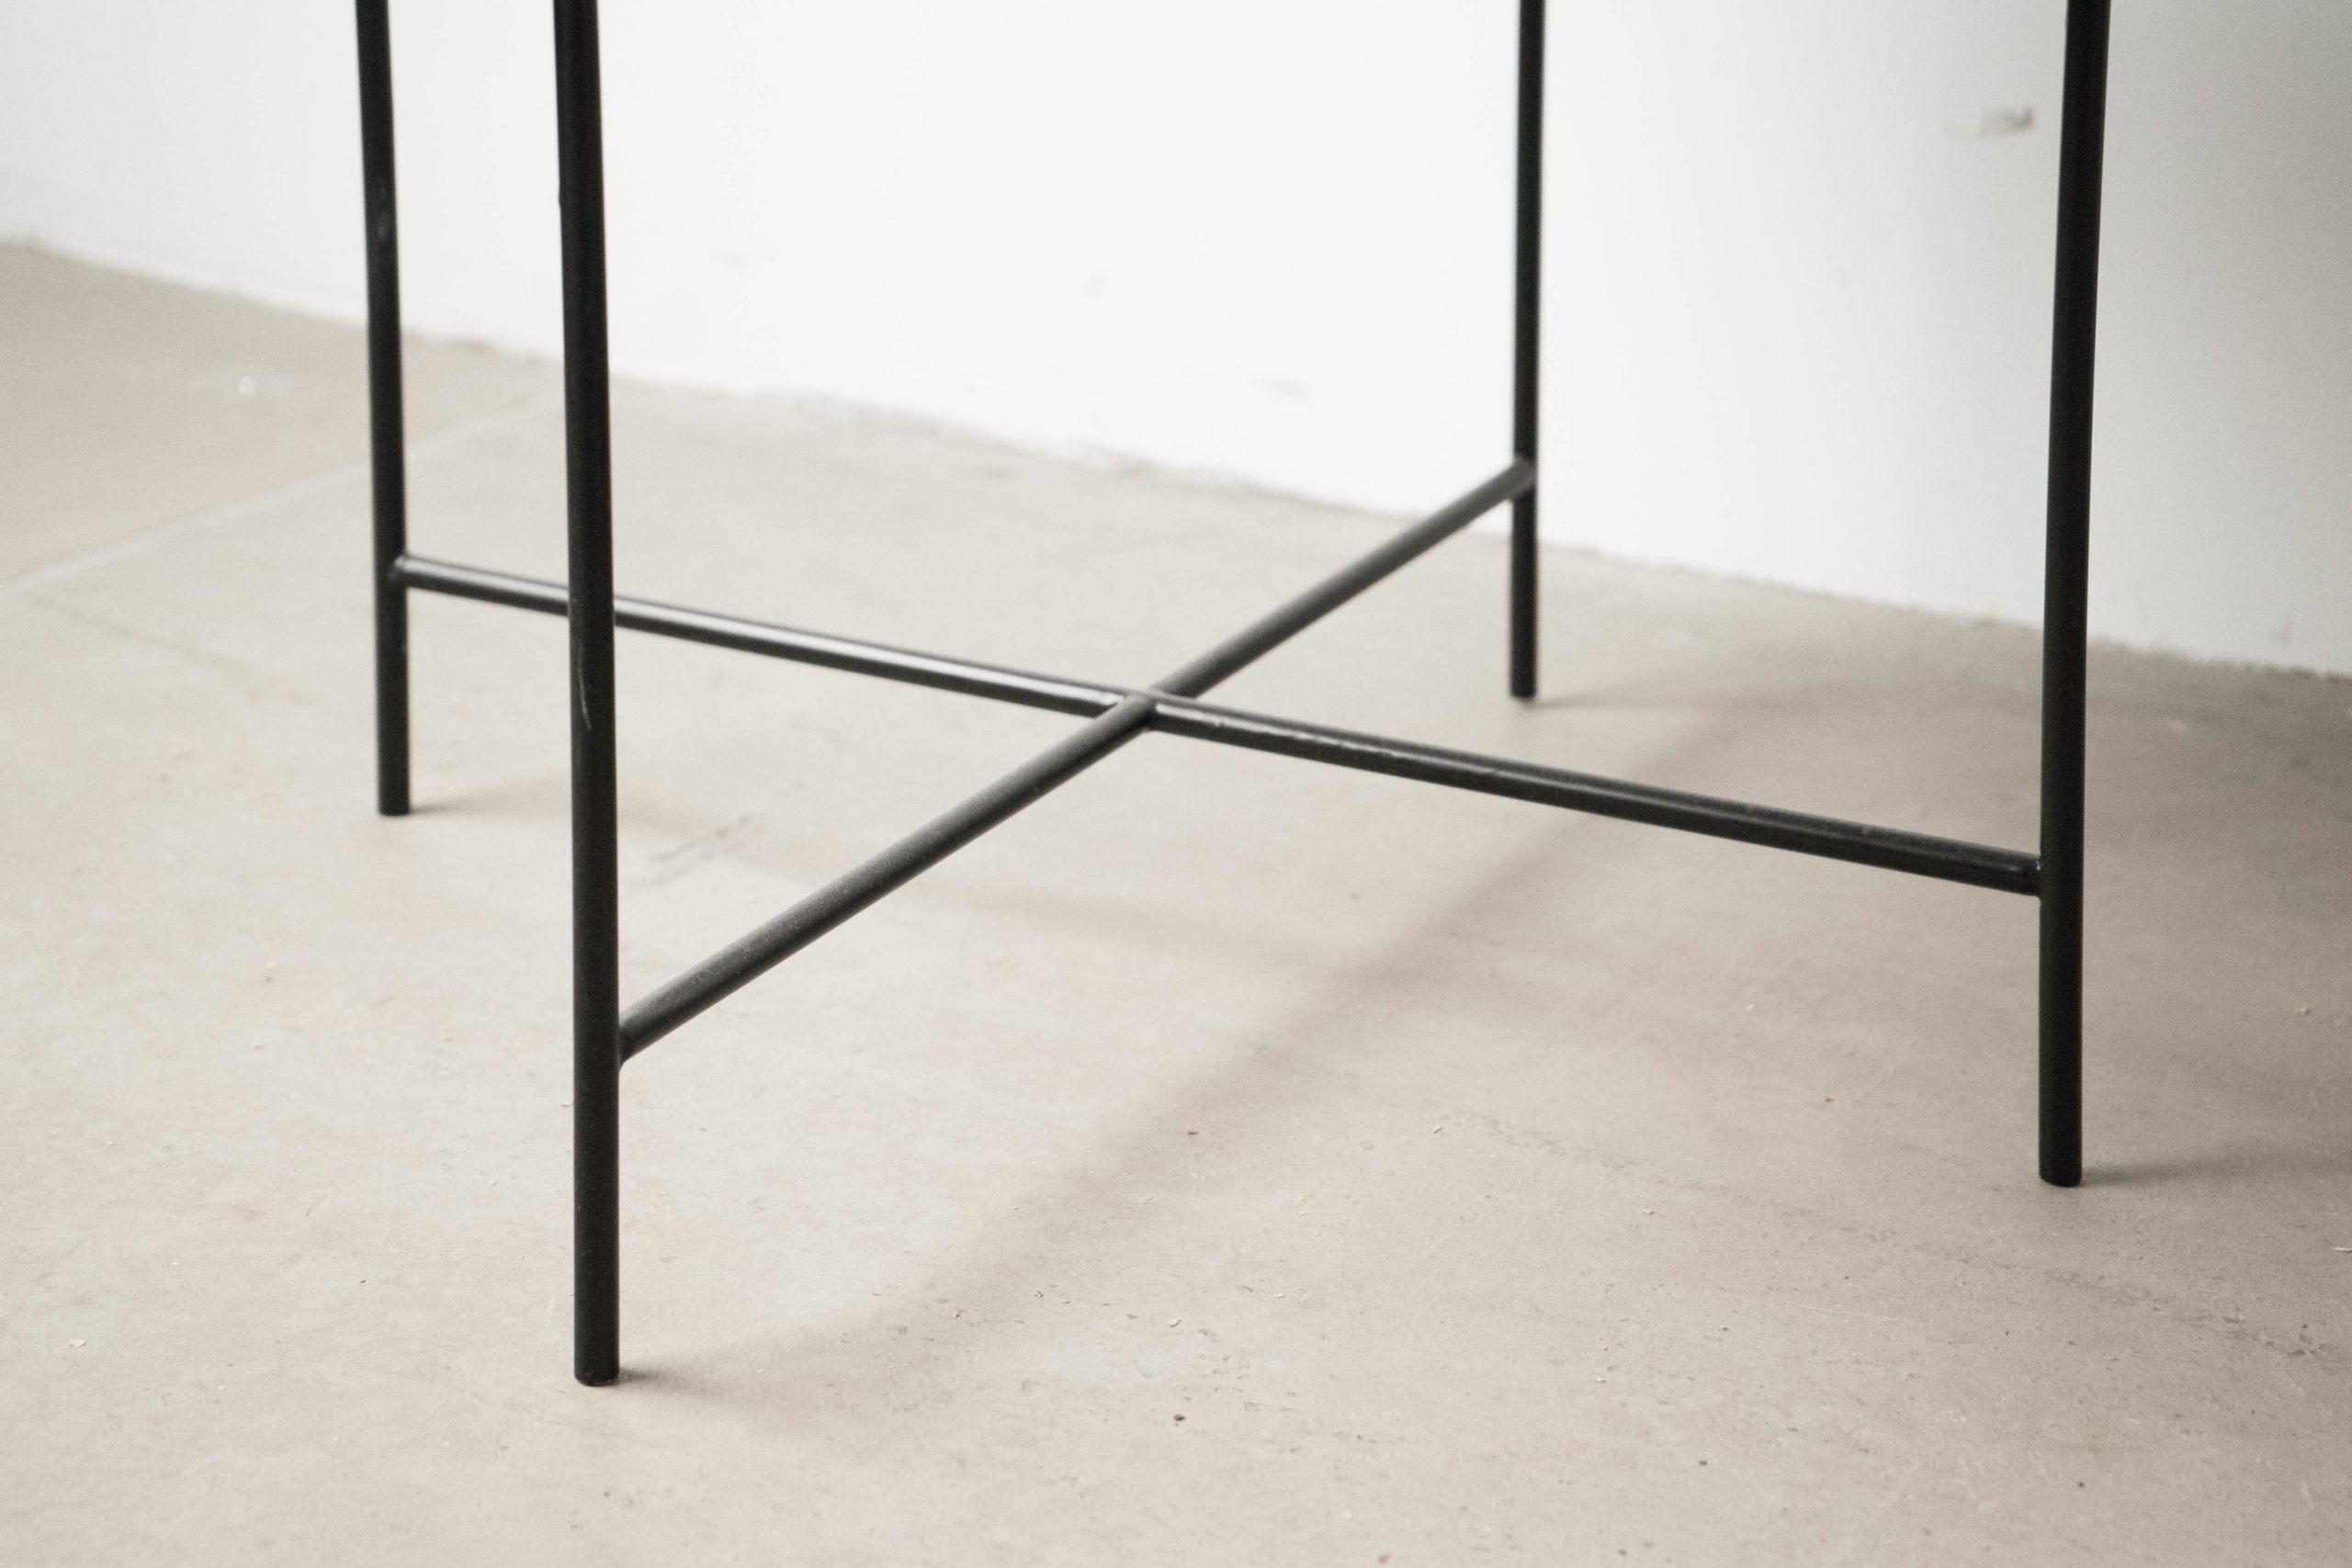 patas de varilla mesa de metal auxiliar